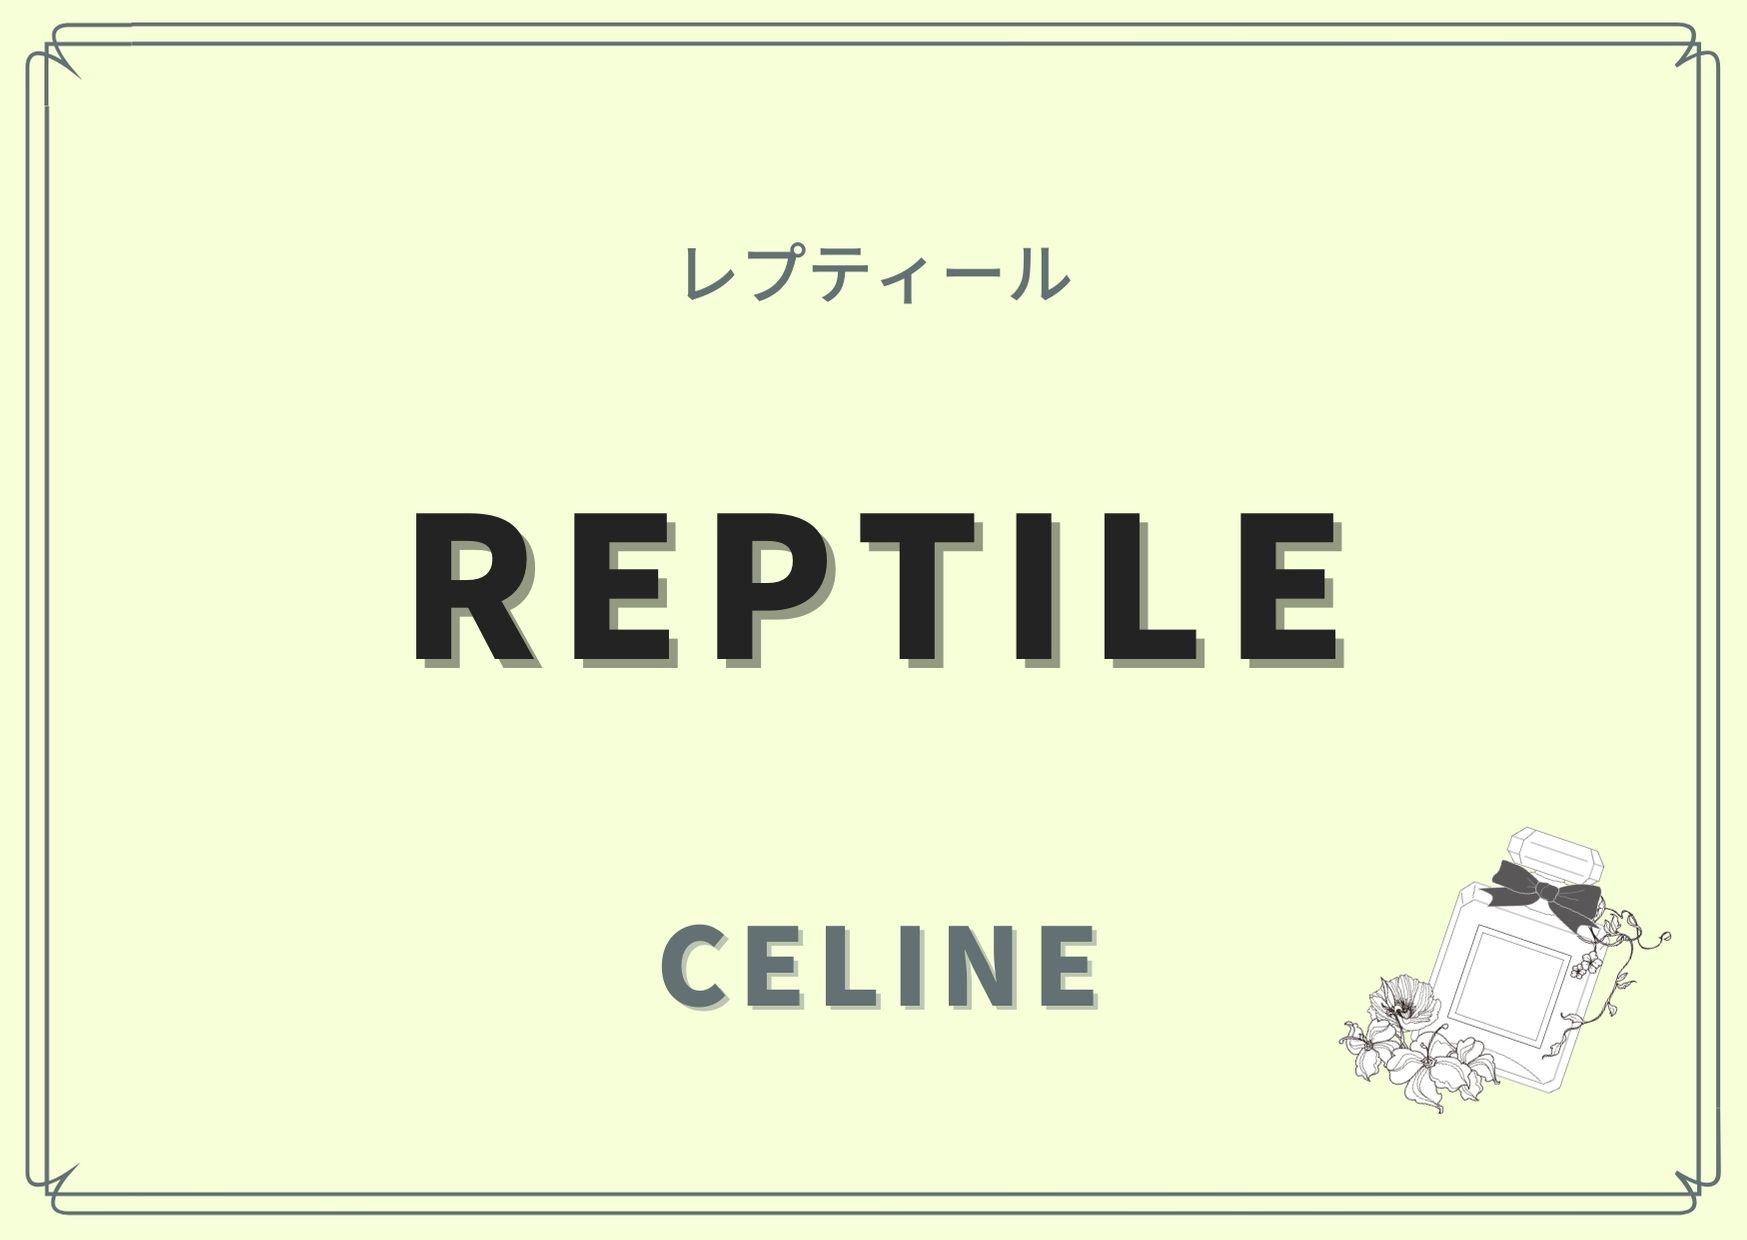 REPTILE(レプティール)/CELINE(セリーヌ)